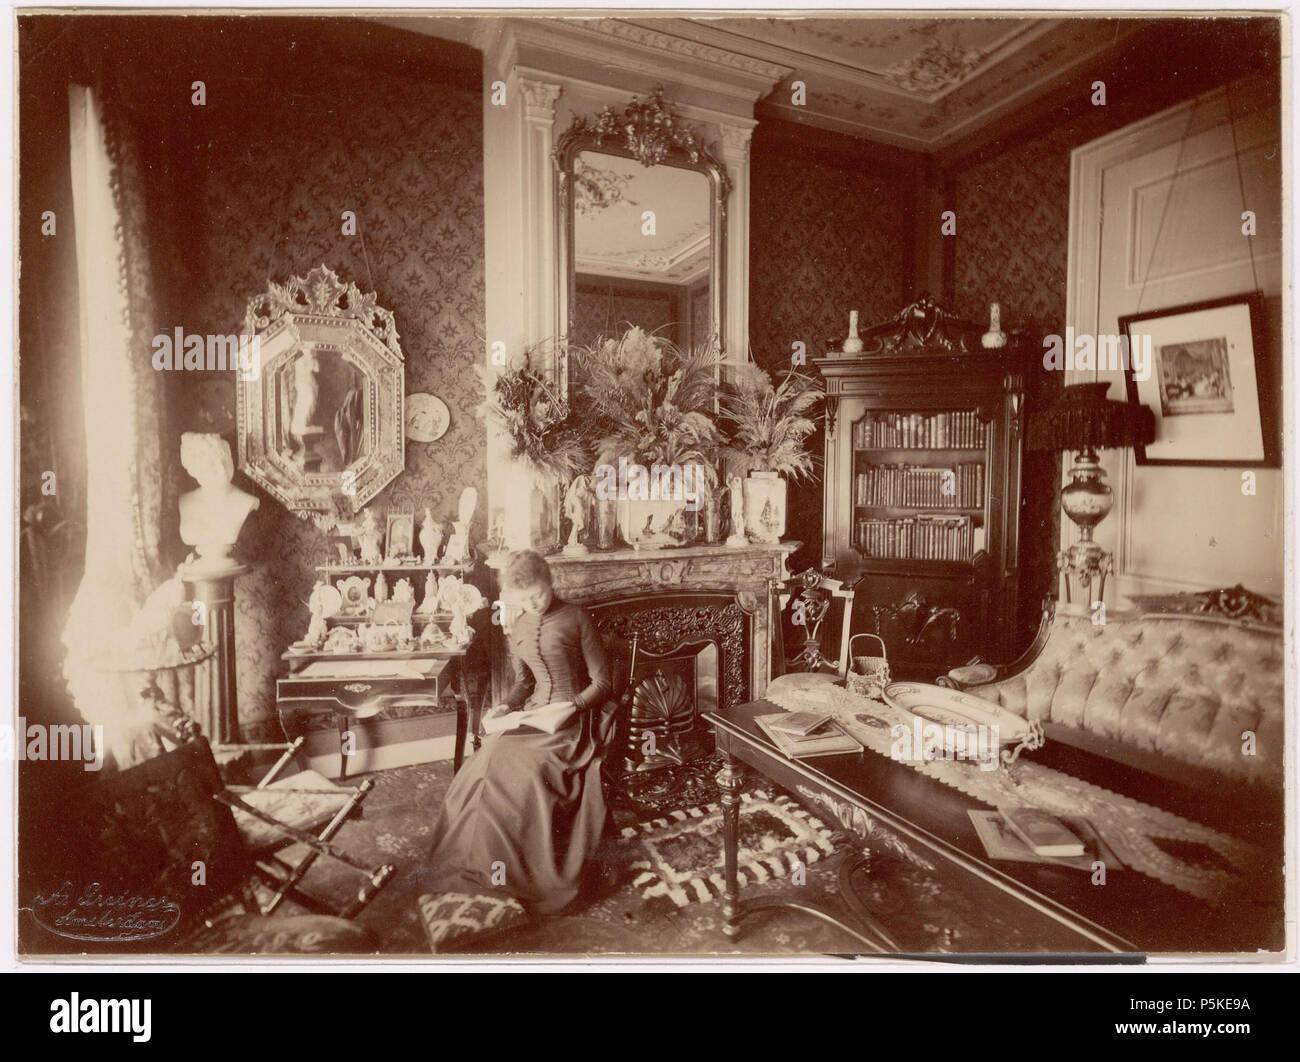 na nederlands beschrijving herinnering aan mijn kamer keizersgracht 630 interieur van de kamer van marie katz geesink documenttype foto vervaardiger